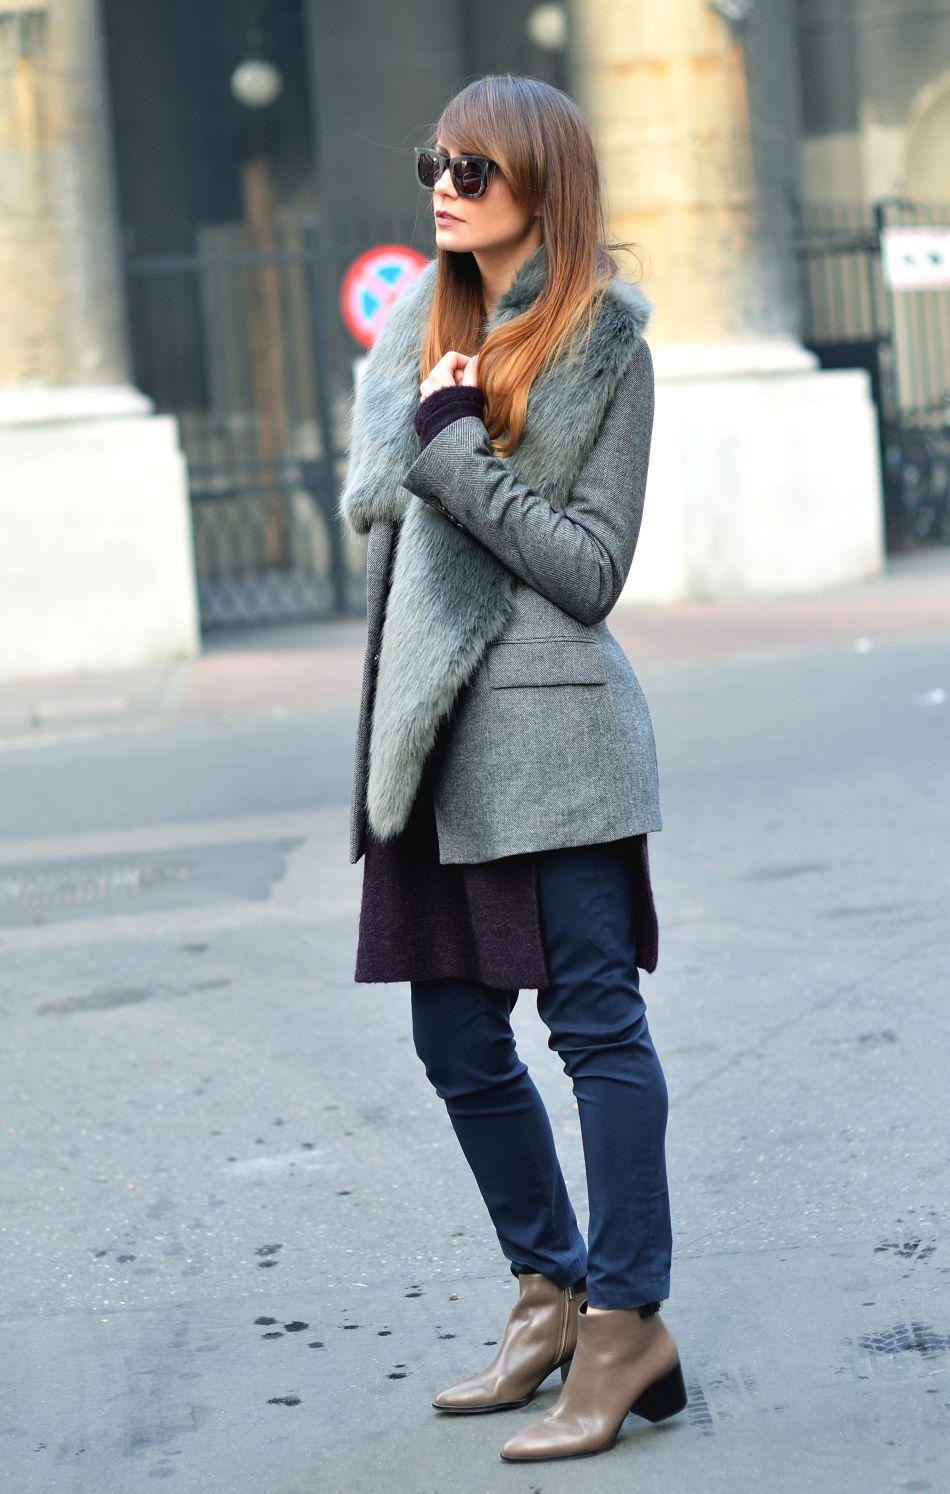 blogi o modzie | blog modowy | blog o modzie | najlepszy blog o modzie | blogerka modowa z krakowa | buty korsa | szara marynarka | etola | plaszcz jesien zima 2015